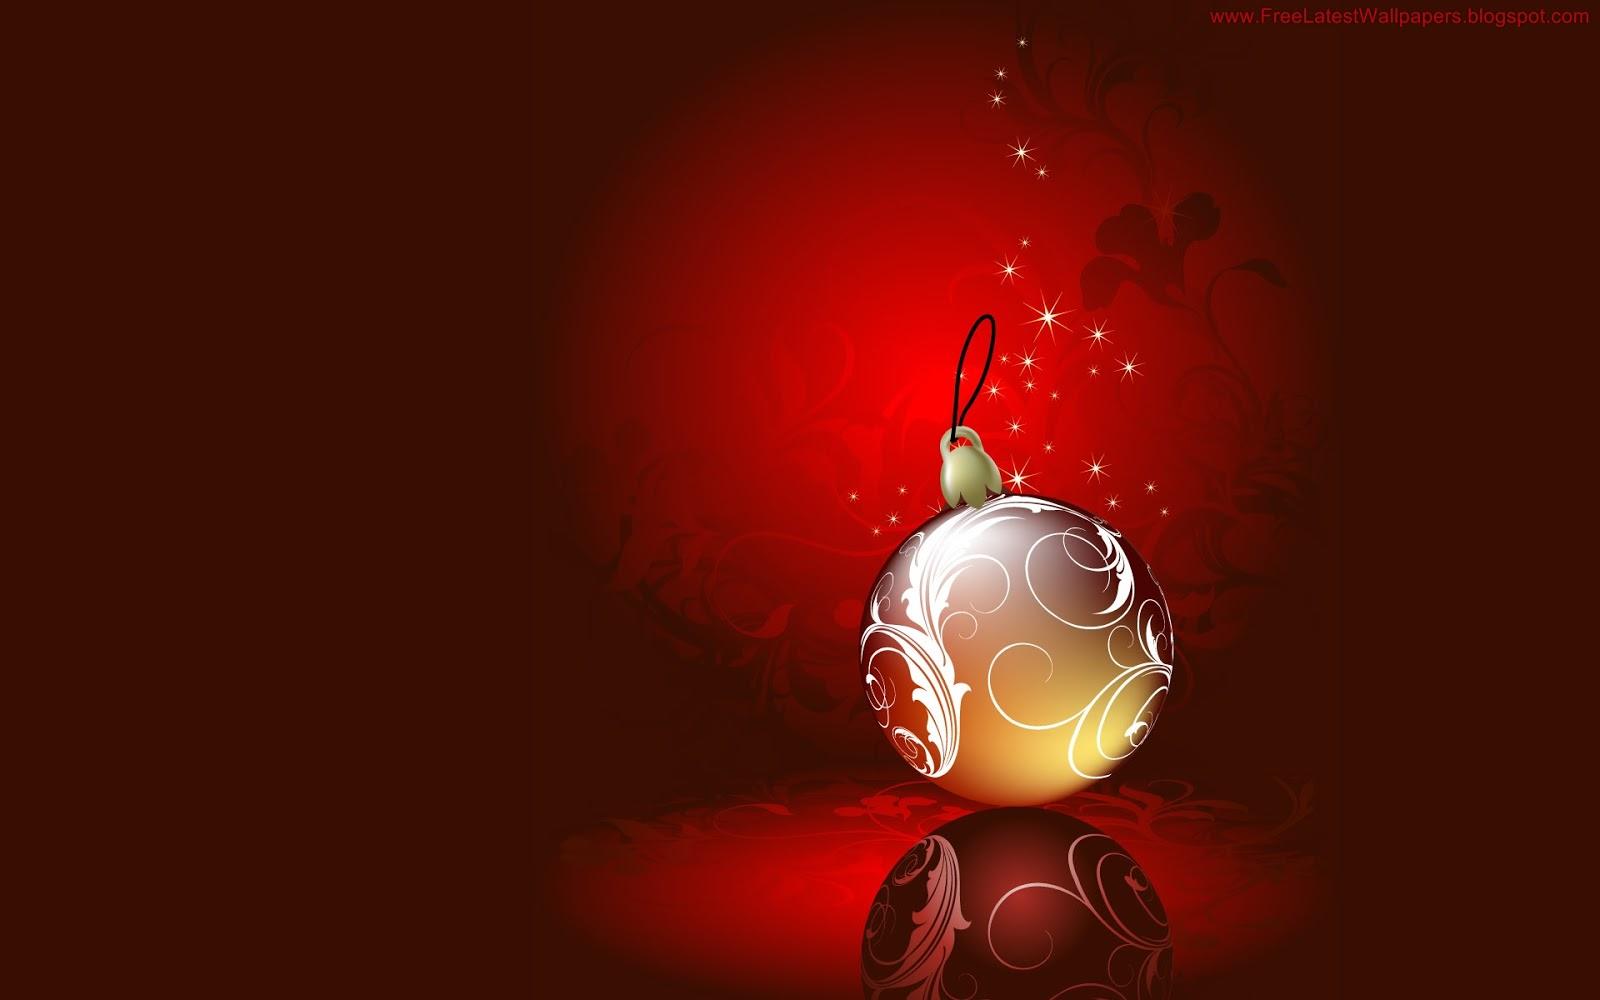 Wallpapernarium bola de navidad dorada - Bolas de navidad doradas ...